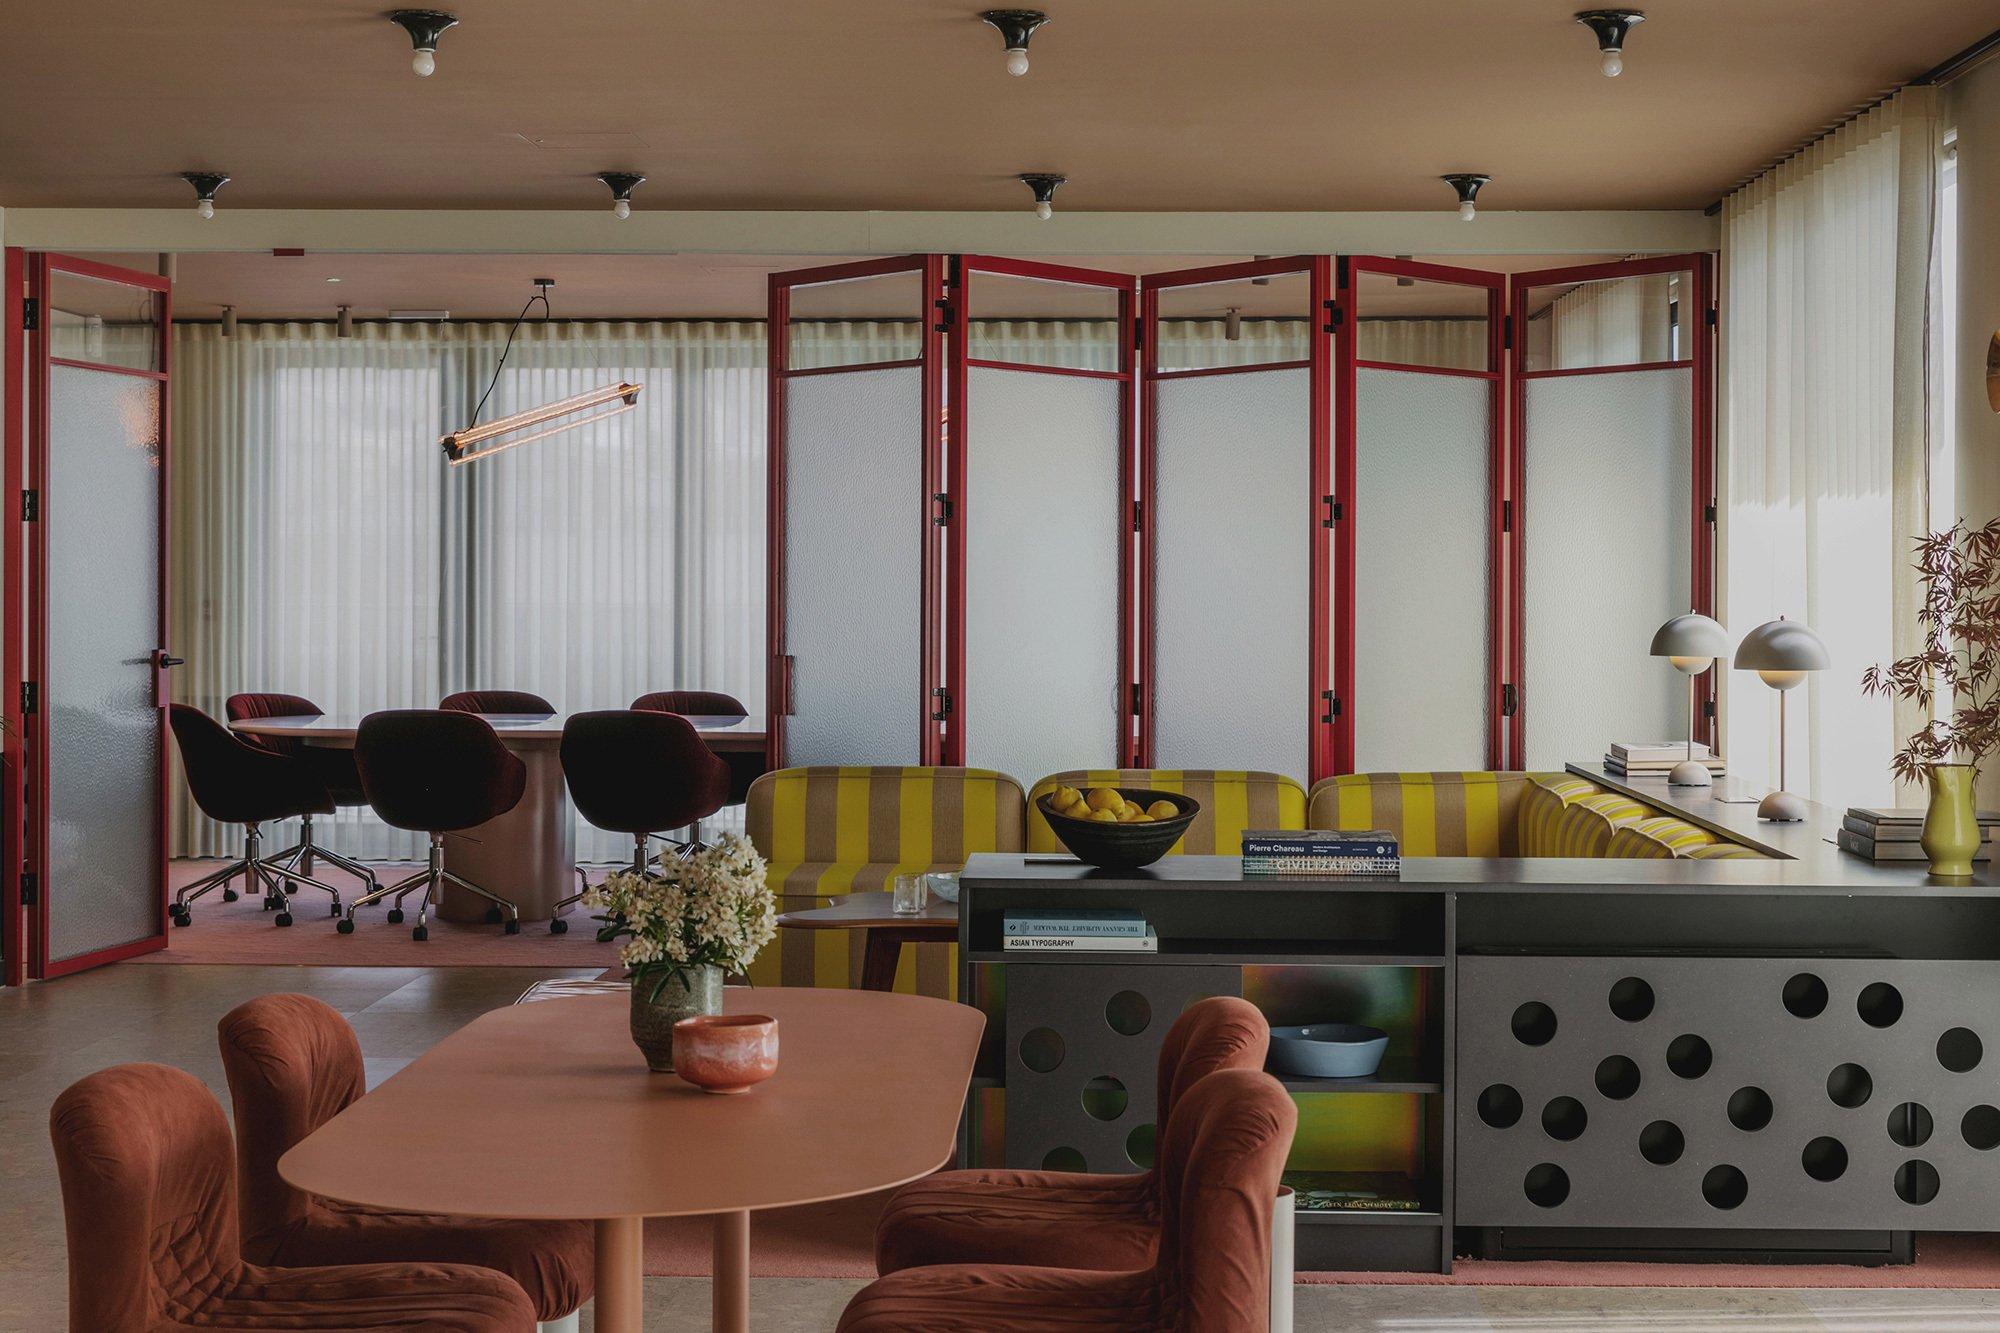 Das Londoner Studio Daytrip gestaltete in Clerkenwell ein Büro, in dem Hollywood-Glamour auf den Stil kalifornischer Clubhäuser und barocker Boudoirs trifft. Foto: Mariell Lind Hansen